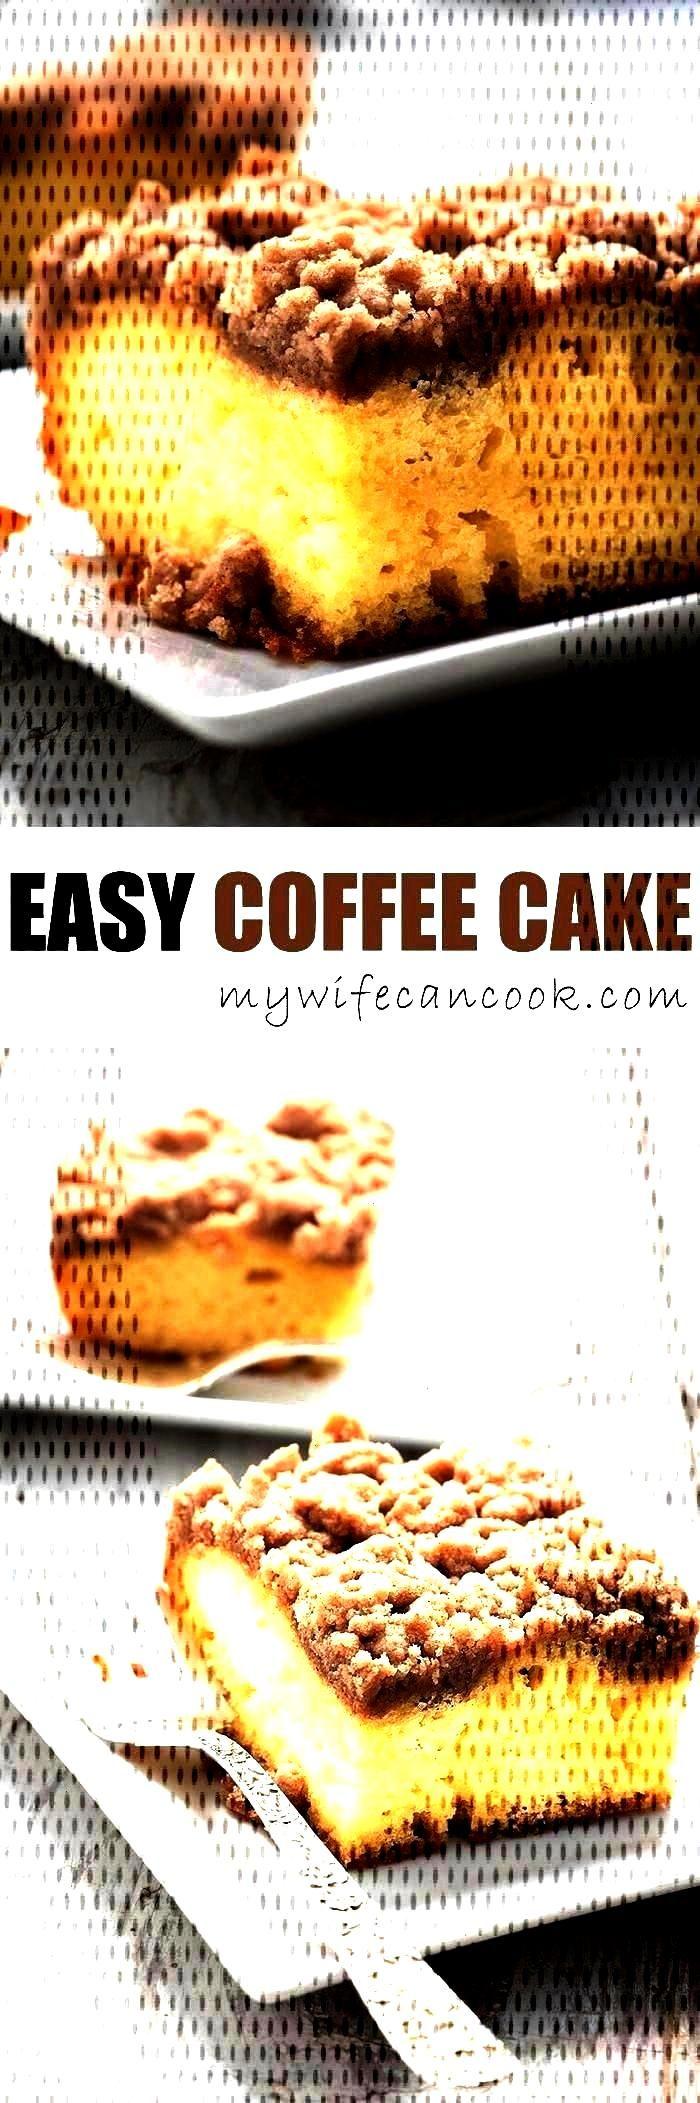 Healthybreakfastnearme Websitecoffee Breakfast Delicious Raspberry Crescent Richmond Oncoffee Healthy Andnear In 2020 Coffee Cake Easy Coffee Cake Breakfast